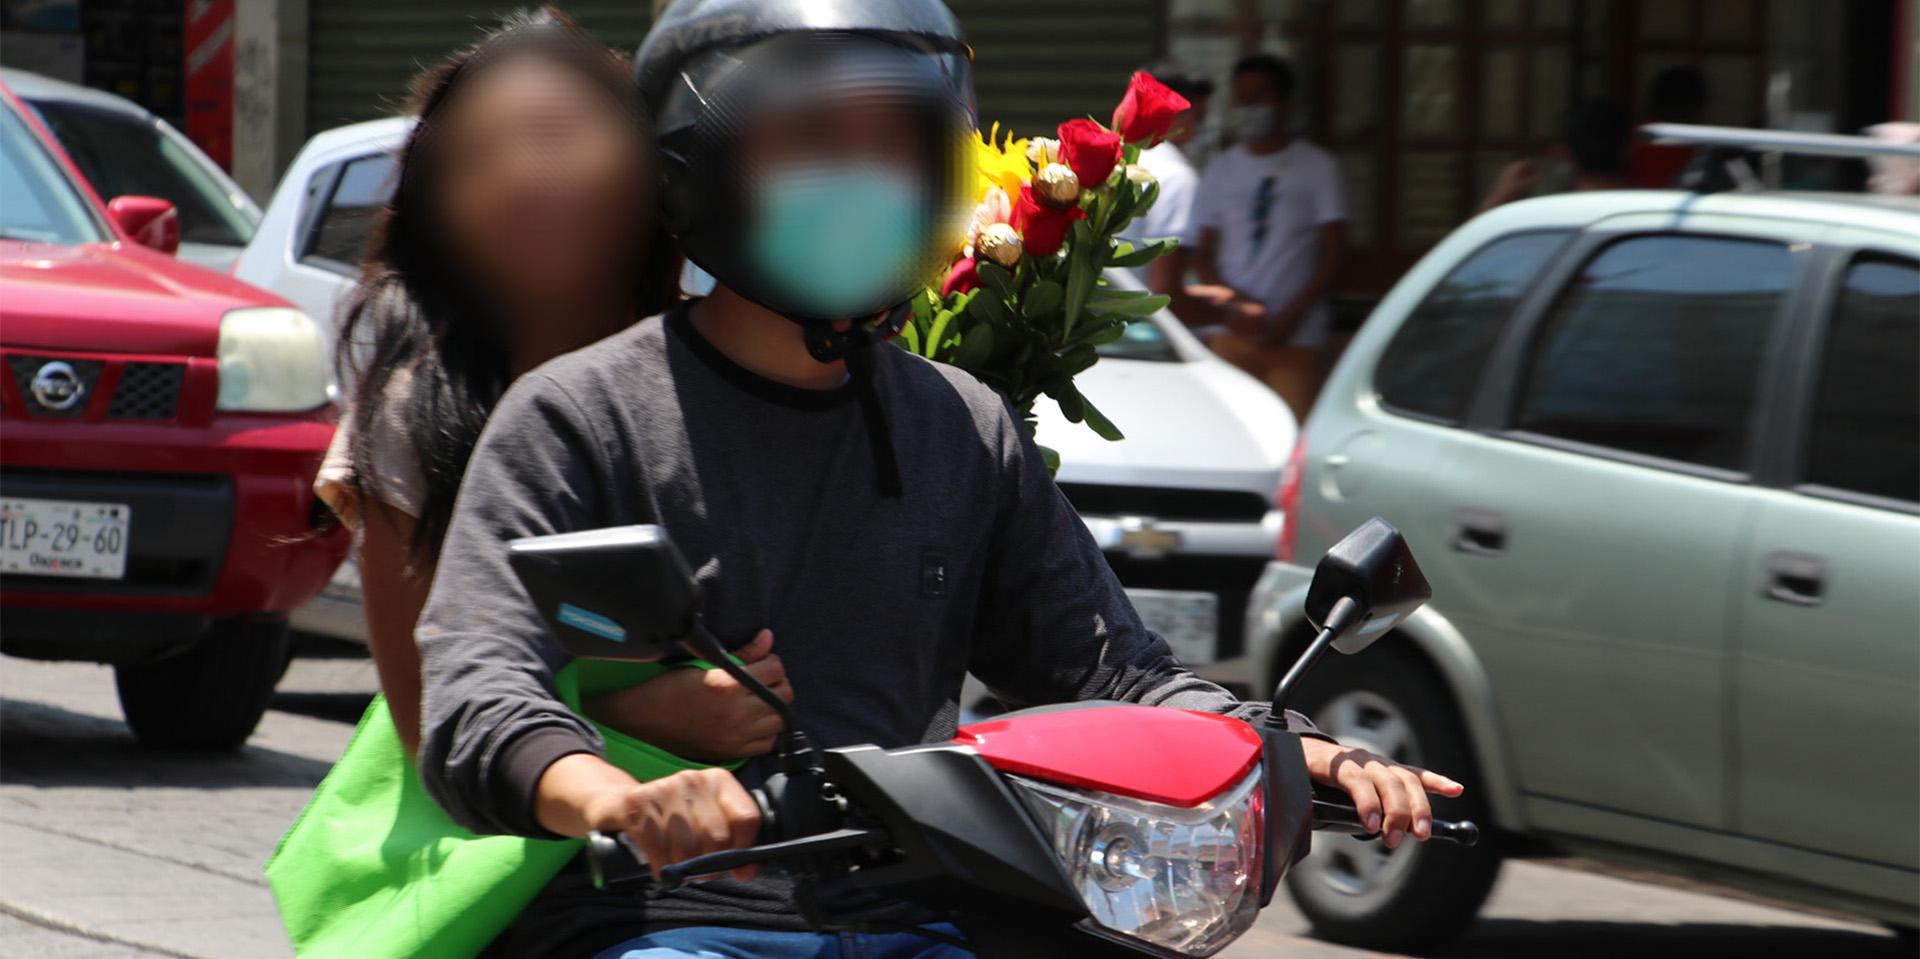 Suben a 1,623 los casos de Covid-19 en Oaxaca; hay 168 fallecidos | El Imparcial de Oaxaca